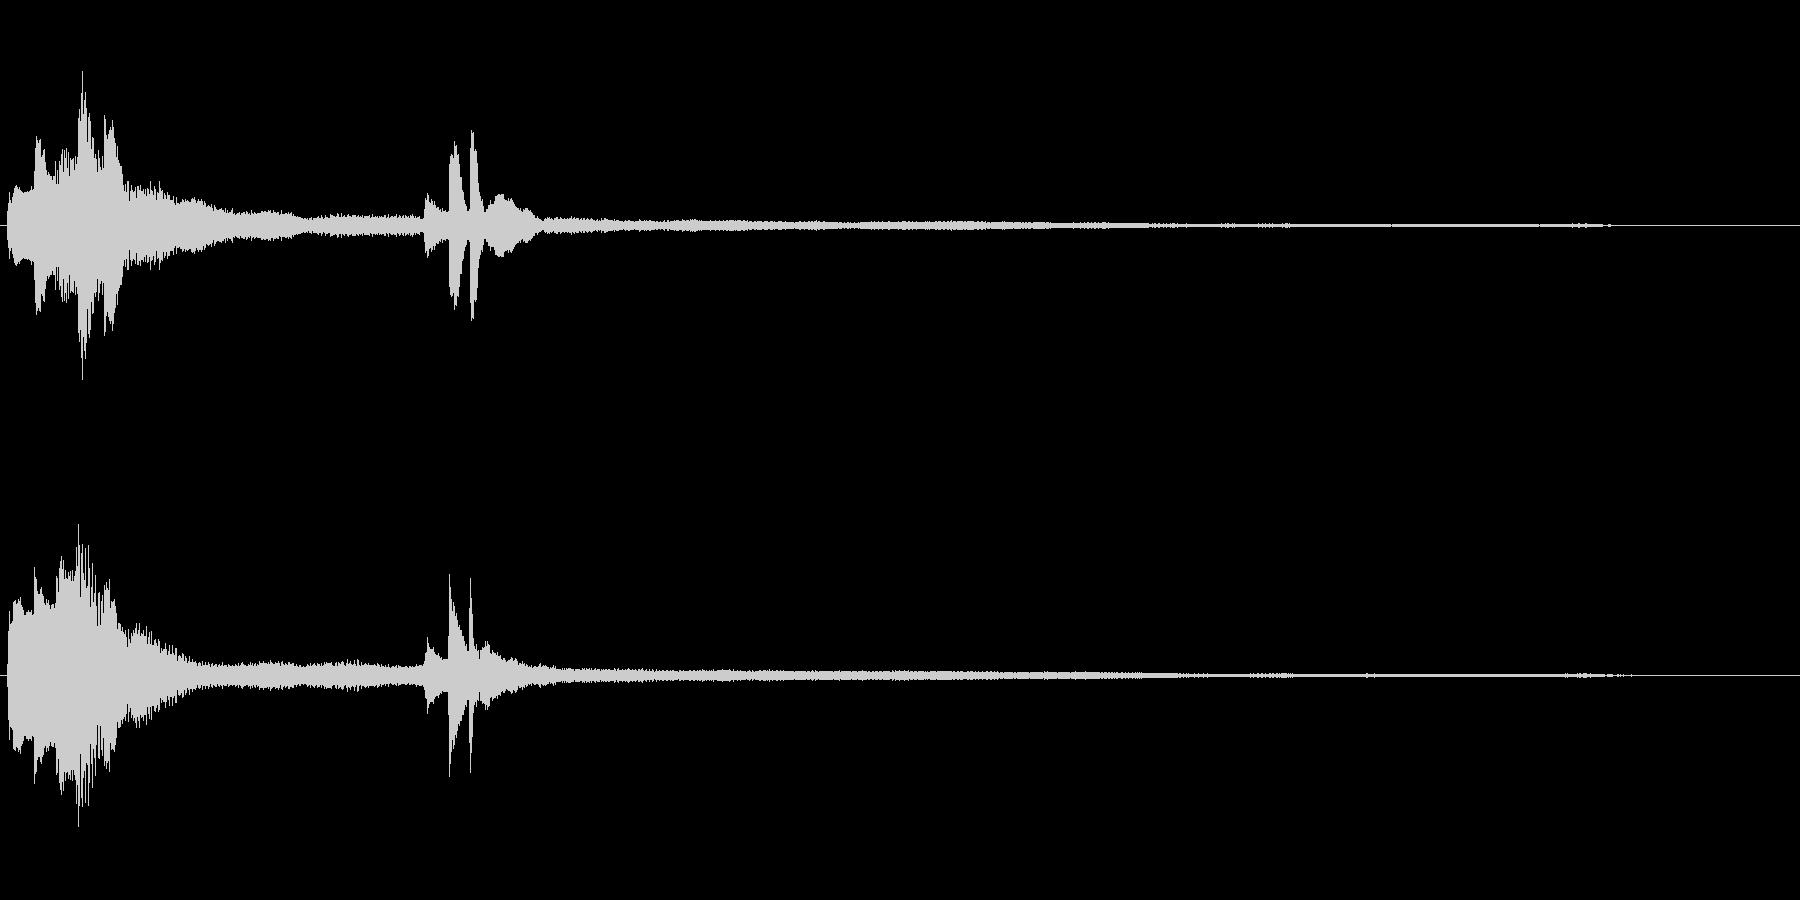 気づき(ピアノ・フレーズ)B1Hの未再生の波形